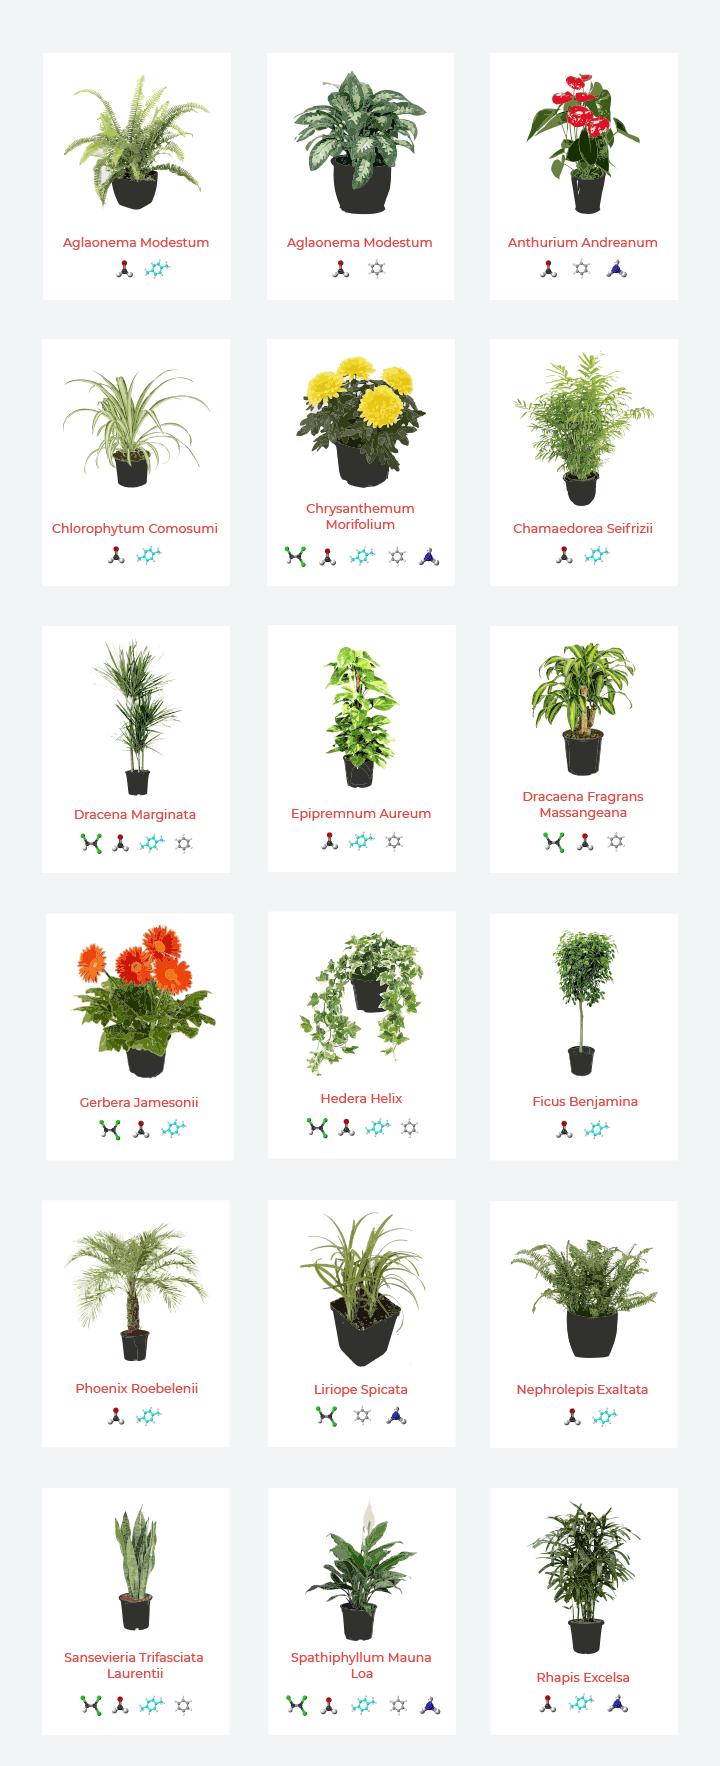 piante purificatrici secondo lo studio della NASA